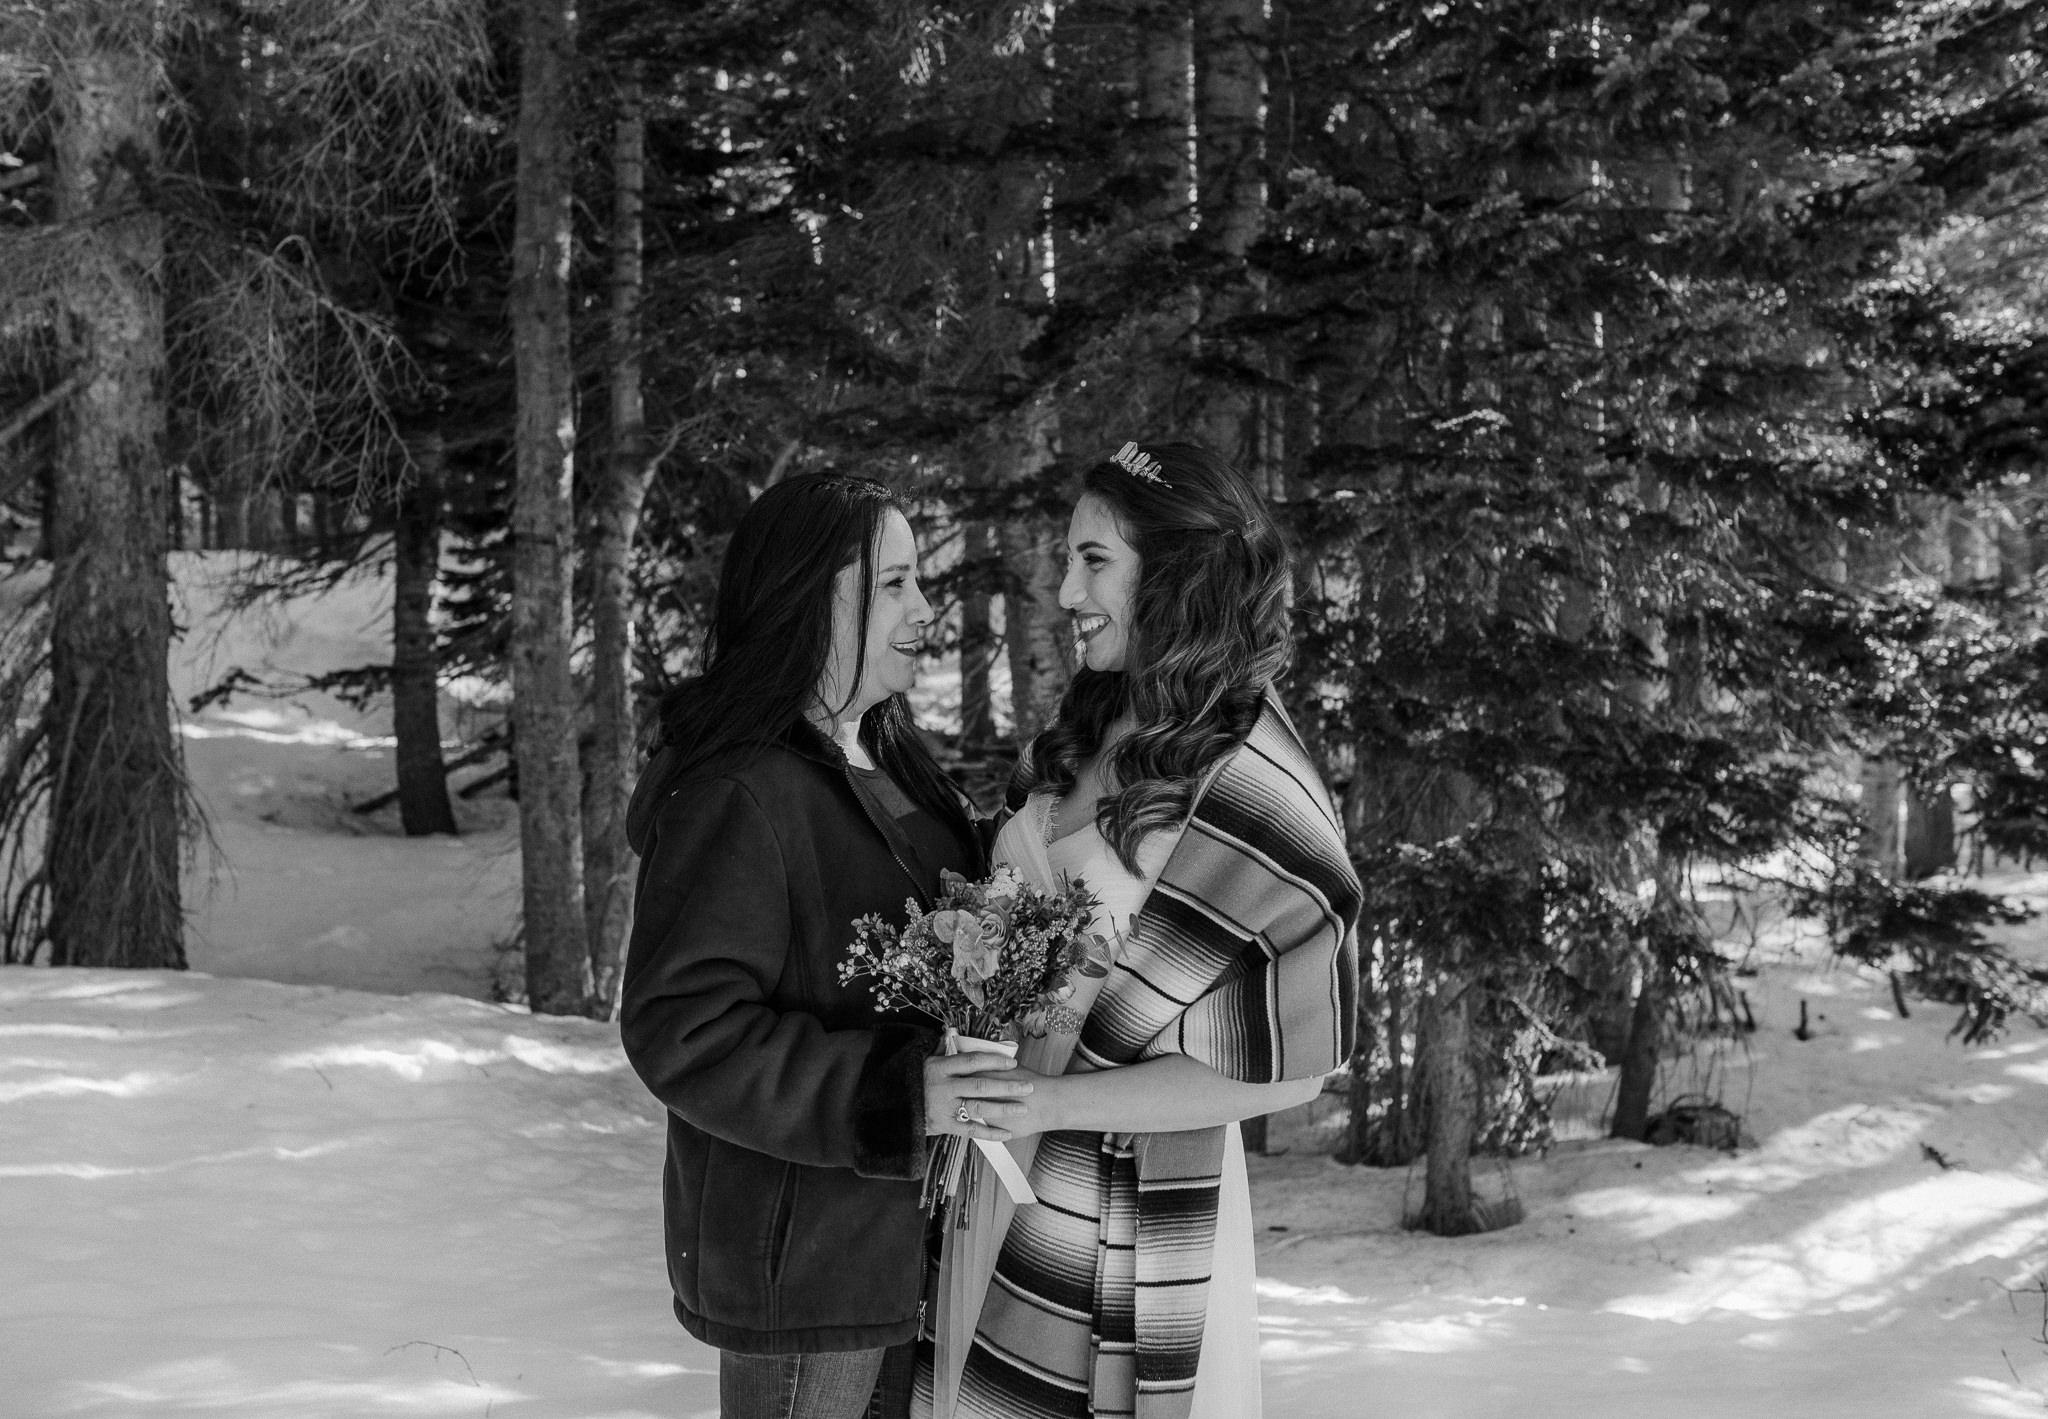 Colorado wedding photographer for adventurous couples